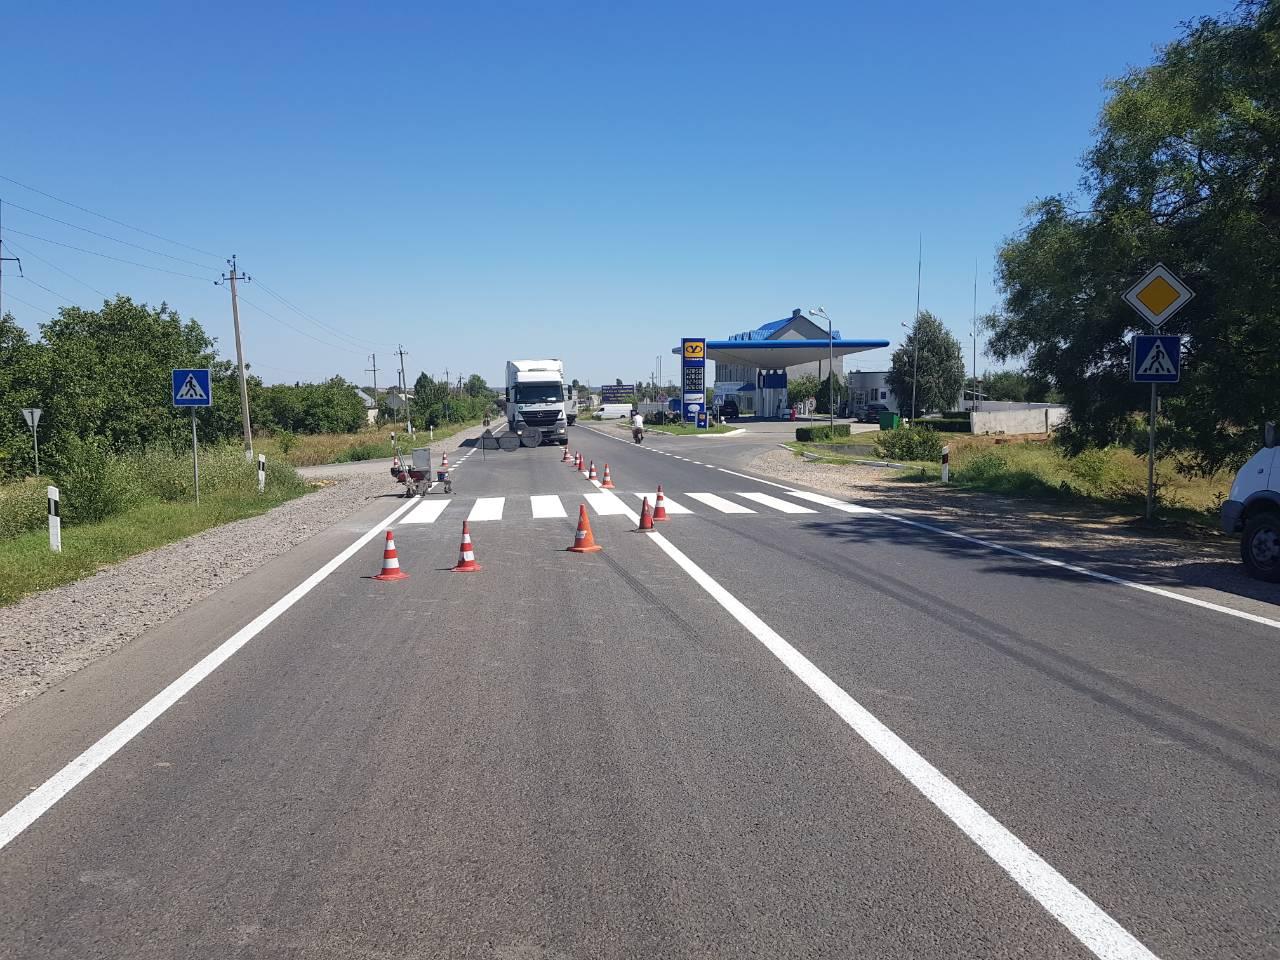 Свеженькая разметка и переходы из холодного пластика - безопасность трассы Одесса-Рени обновляют